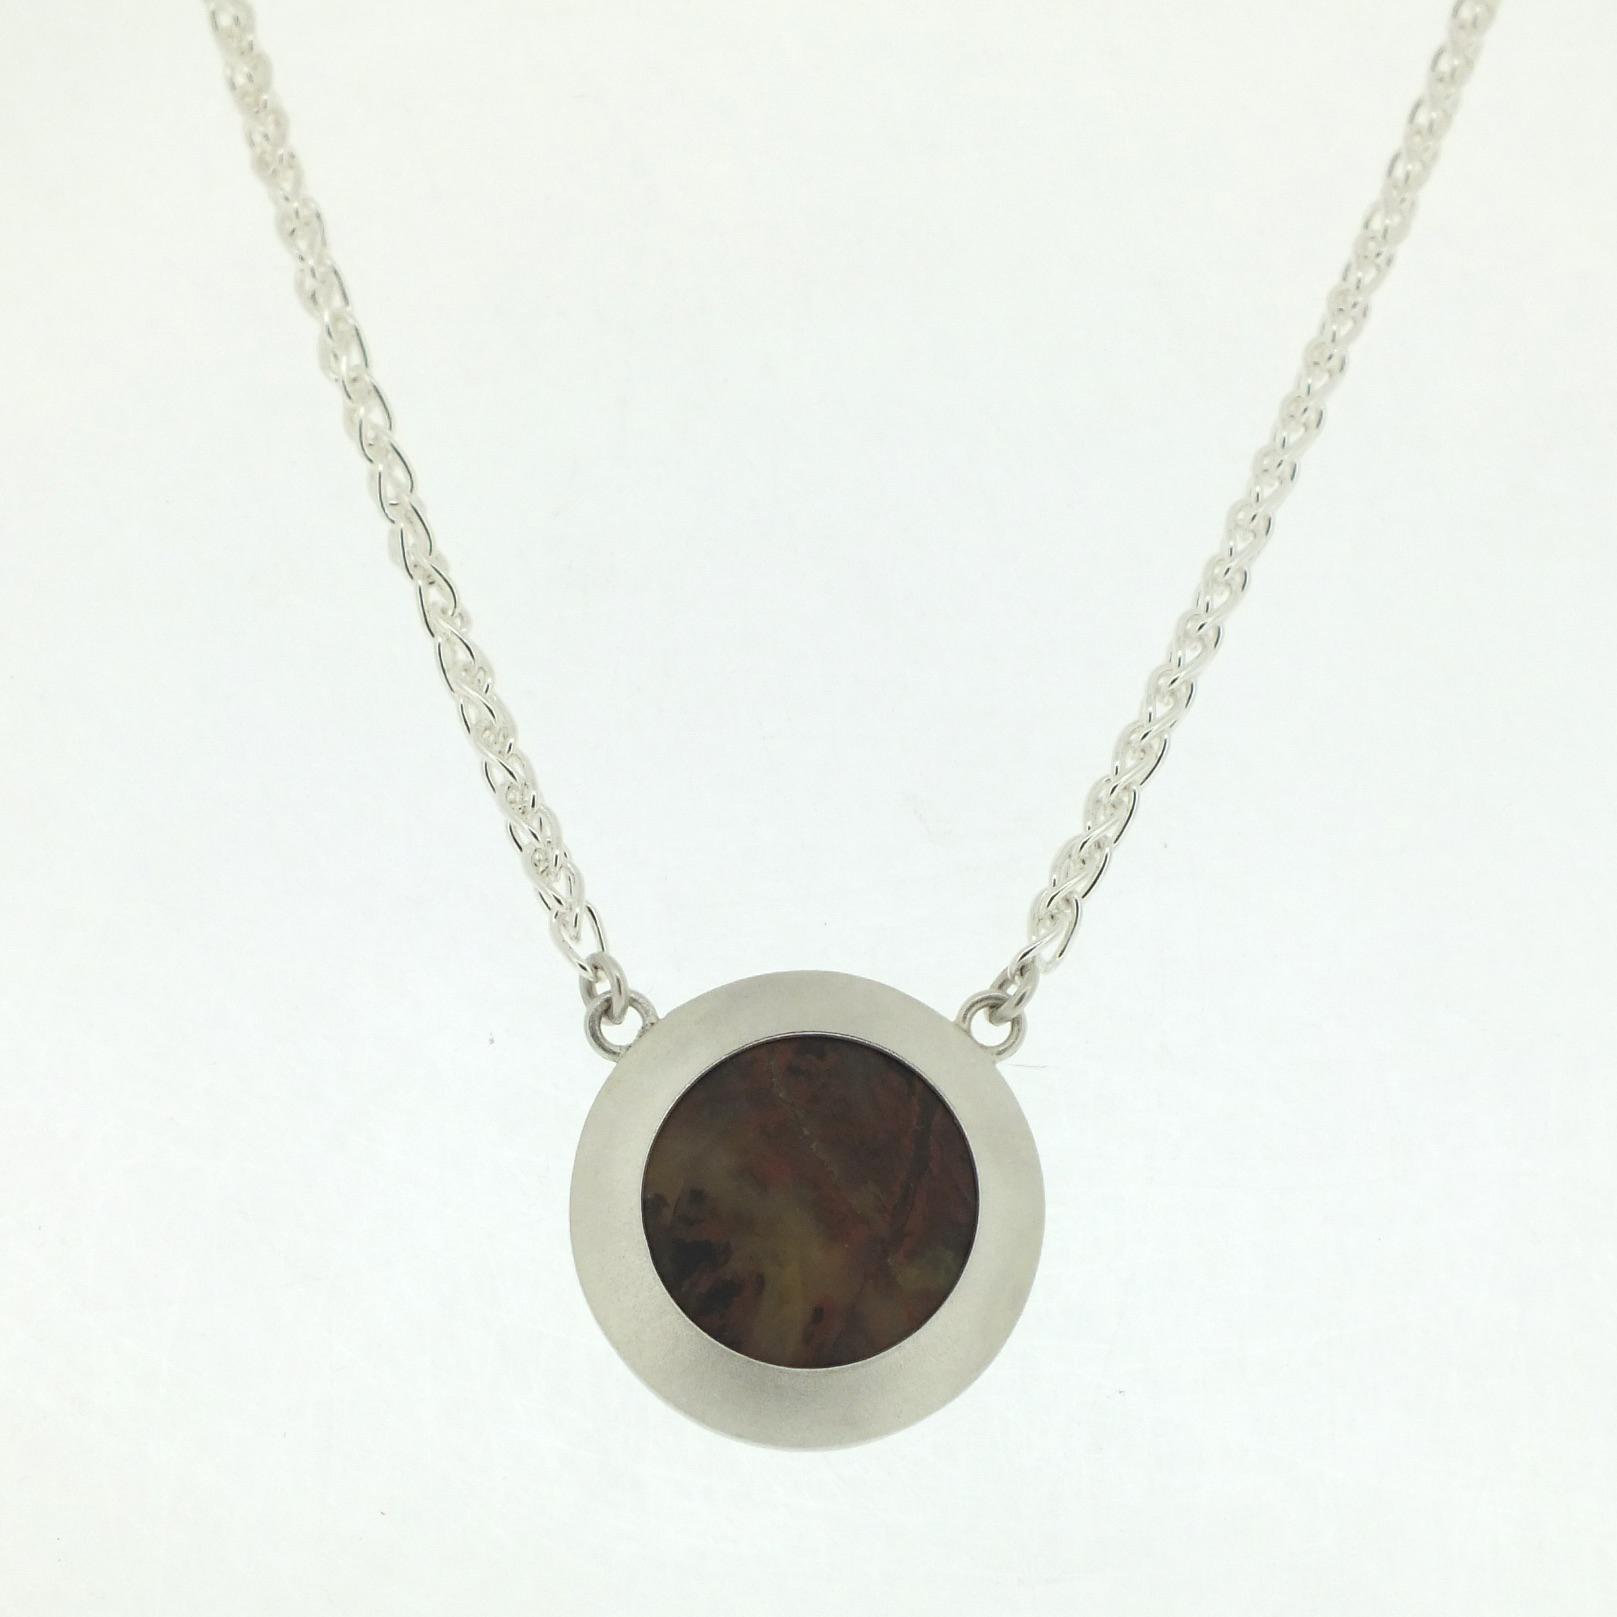 Pilbara Jasper Pendant on heavy silver spiga chain